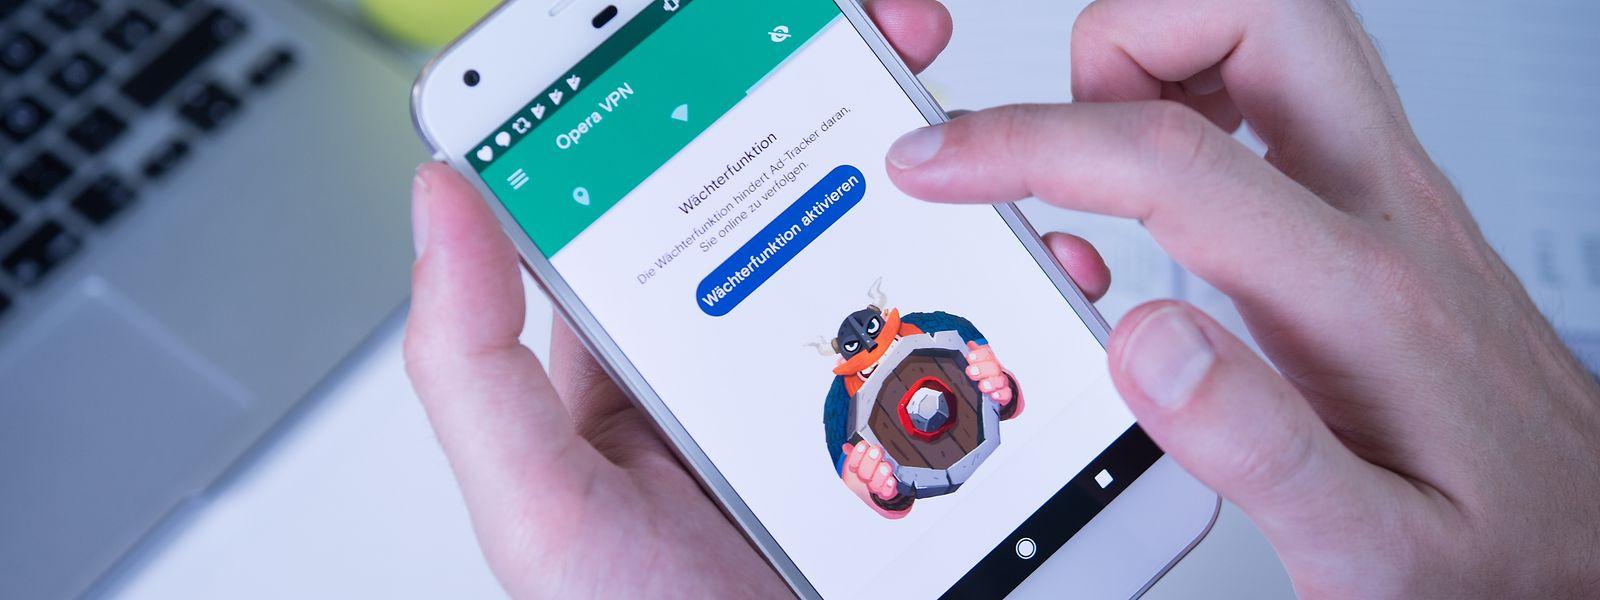 Olaf, die VPN-App des norwegisch-chinesischen Unternehmens Opera, ist in der kostenlosen Version schon ganz brauchbar.